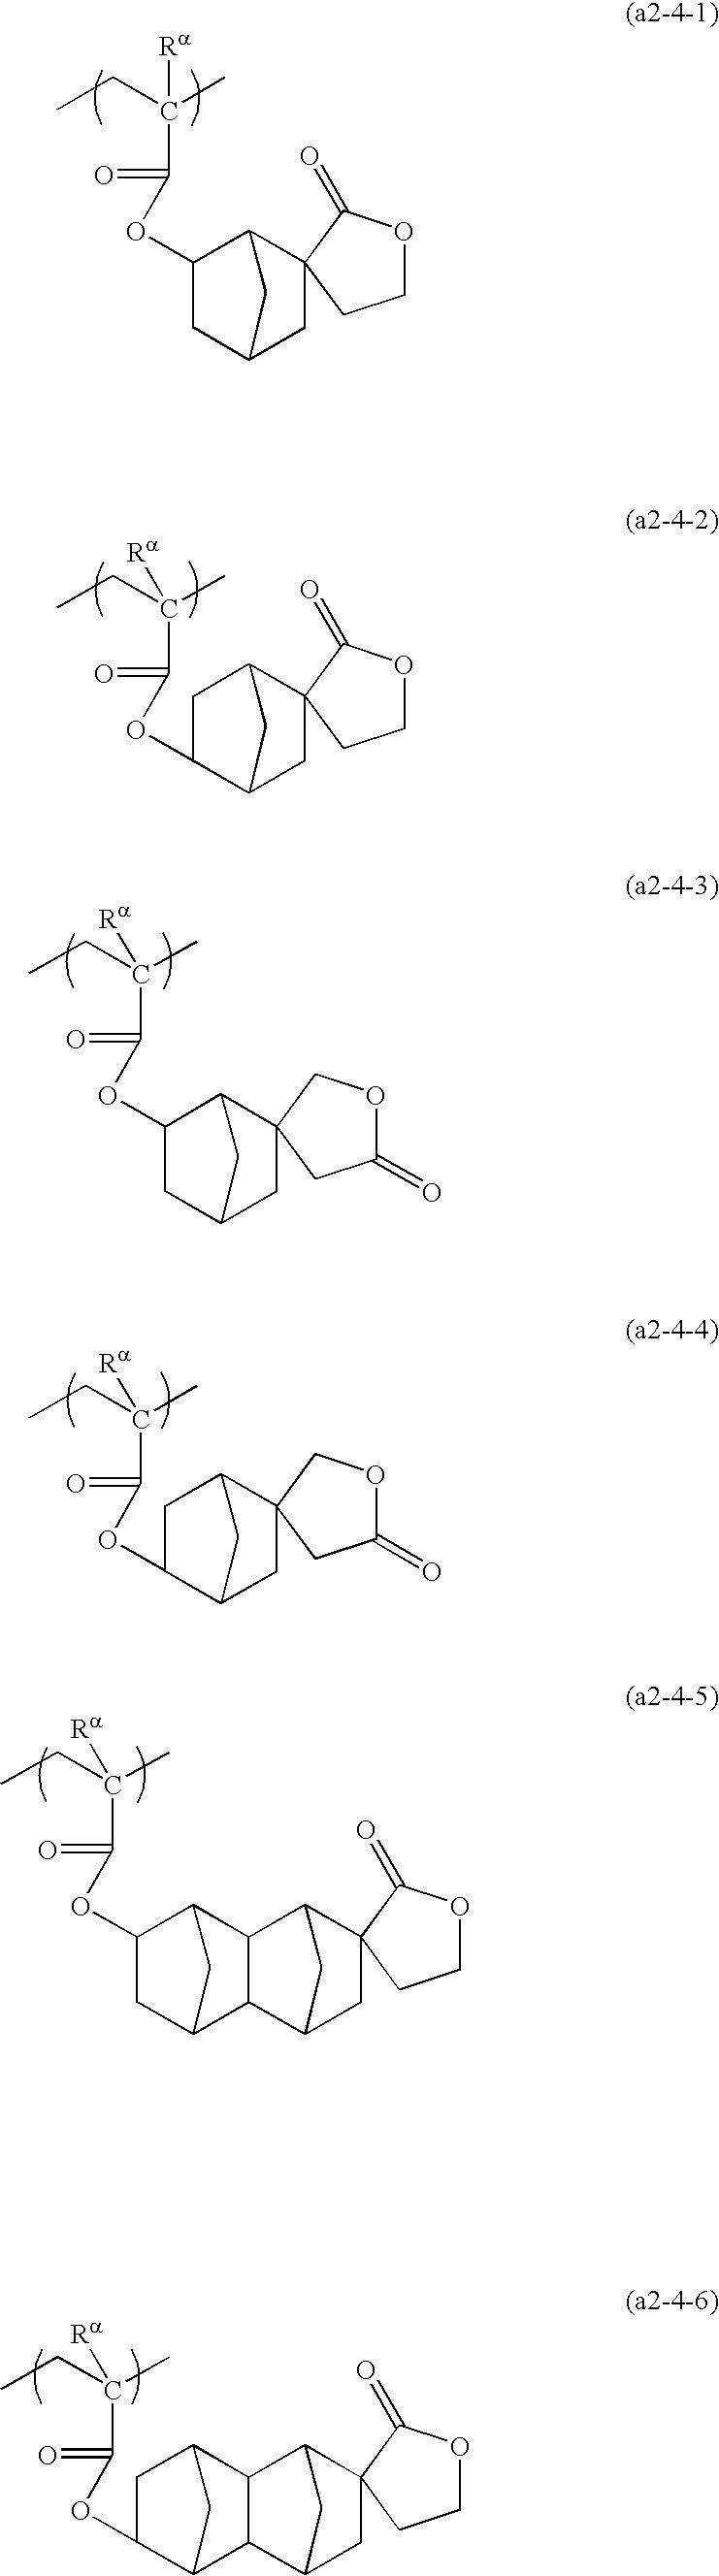 Figure US20100136480A1-20100603-C00066